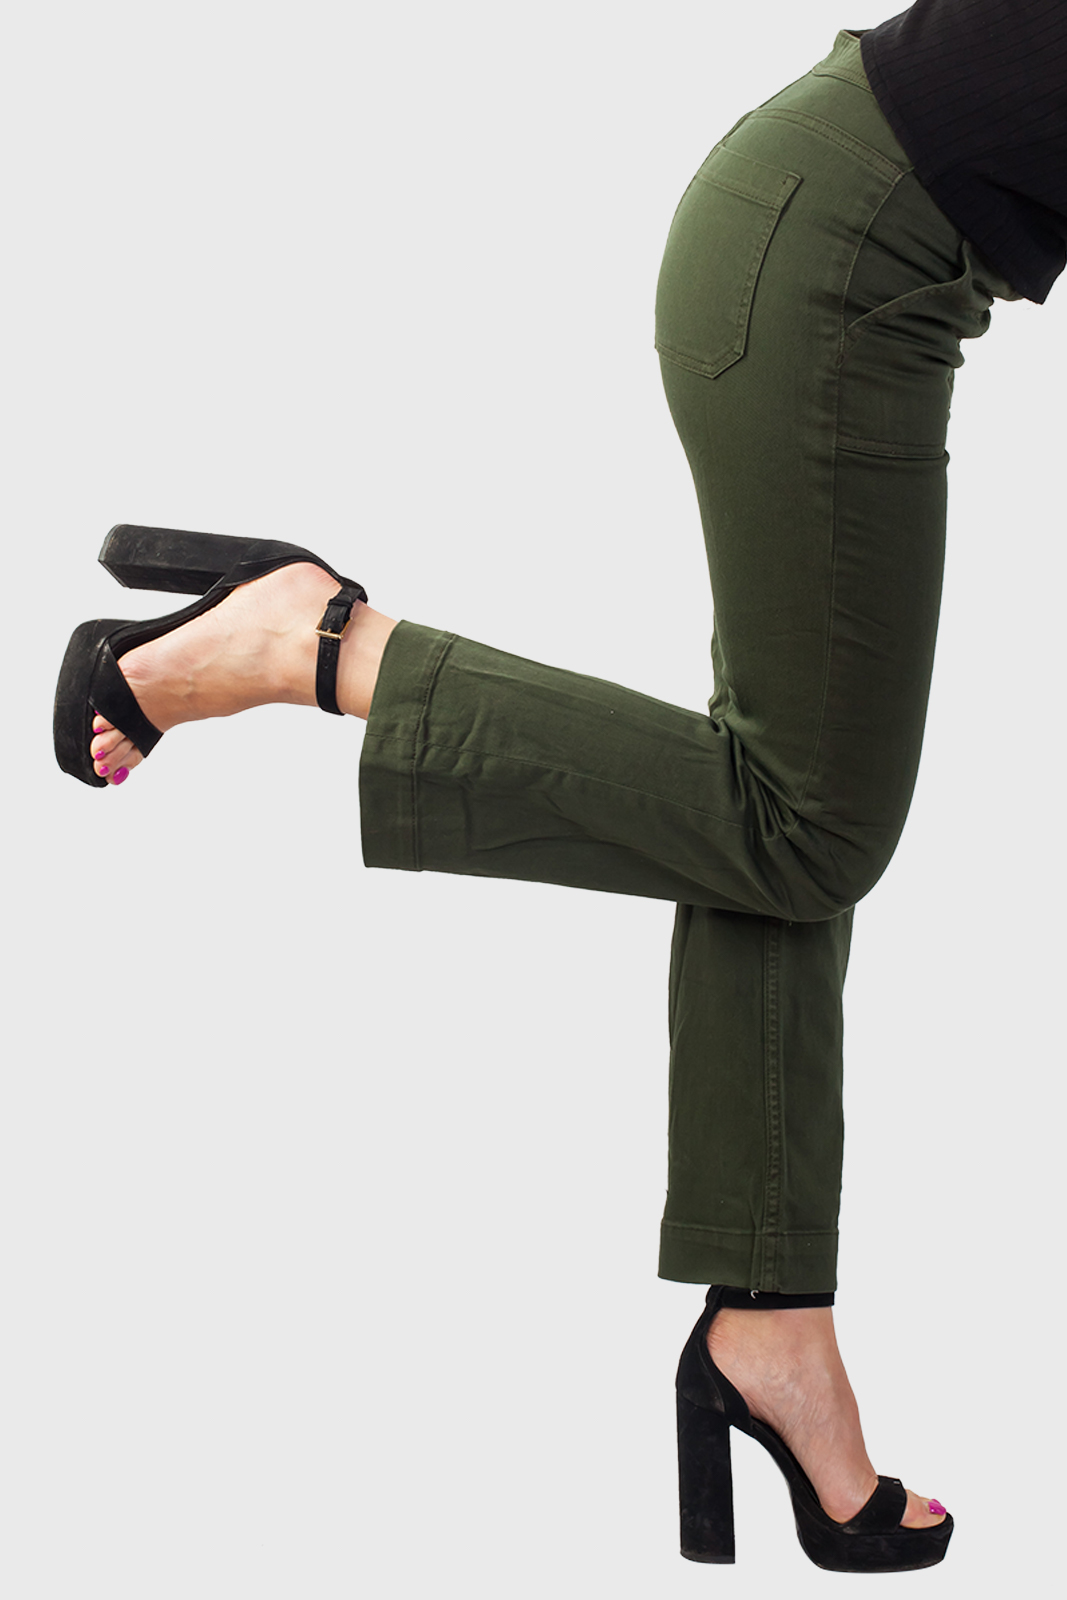 Женские джинсы цвета хаки с удобнойт доставкой